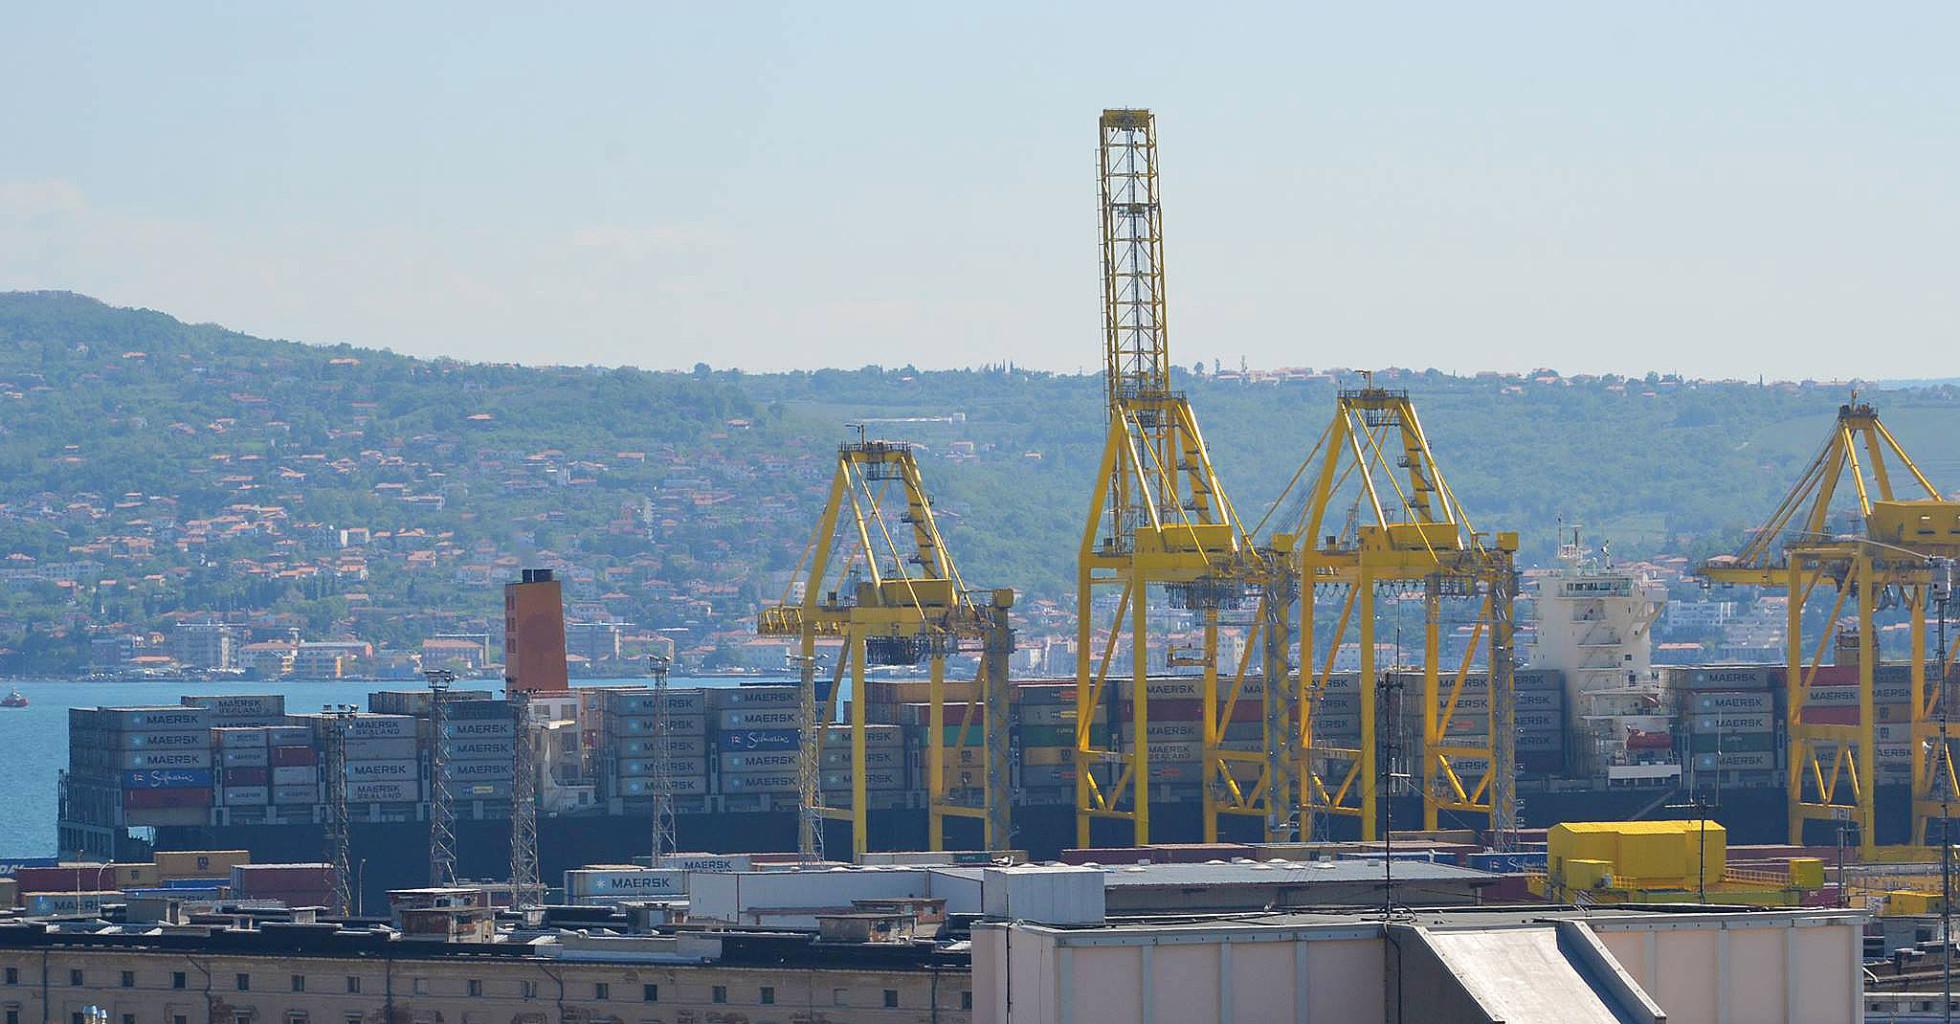 Maersk Eureka a Trieste - foto Arianna Braini